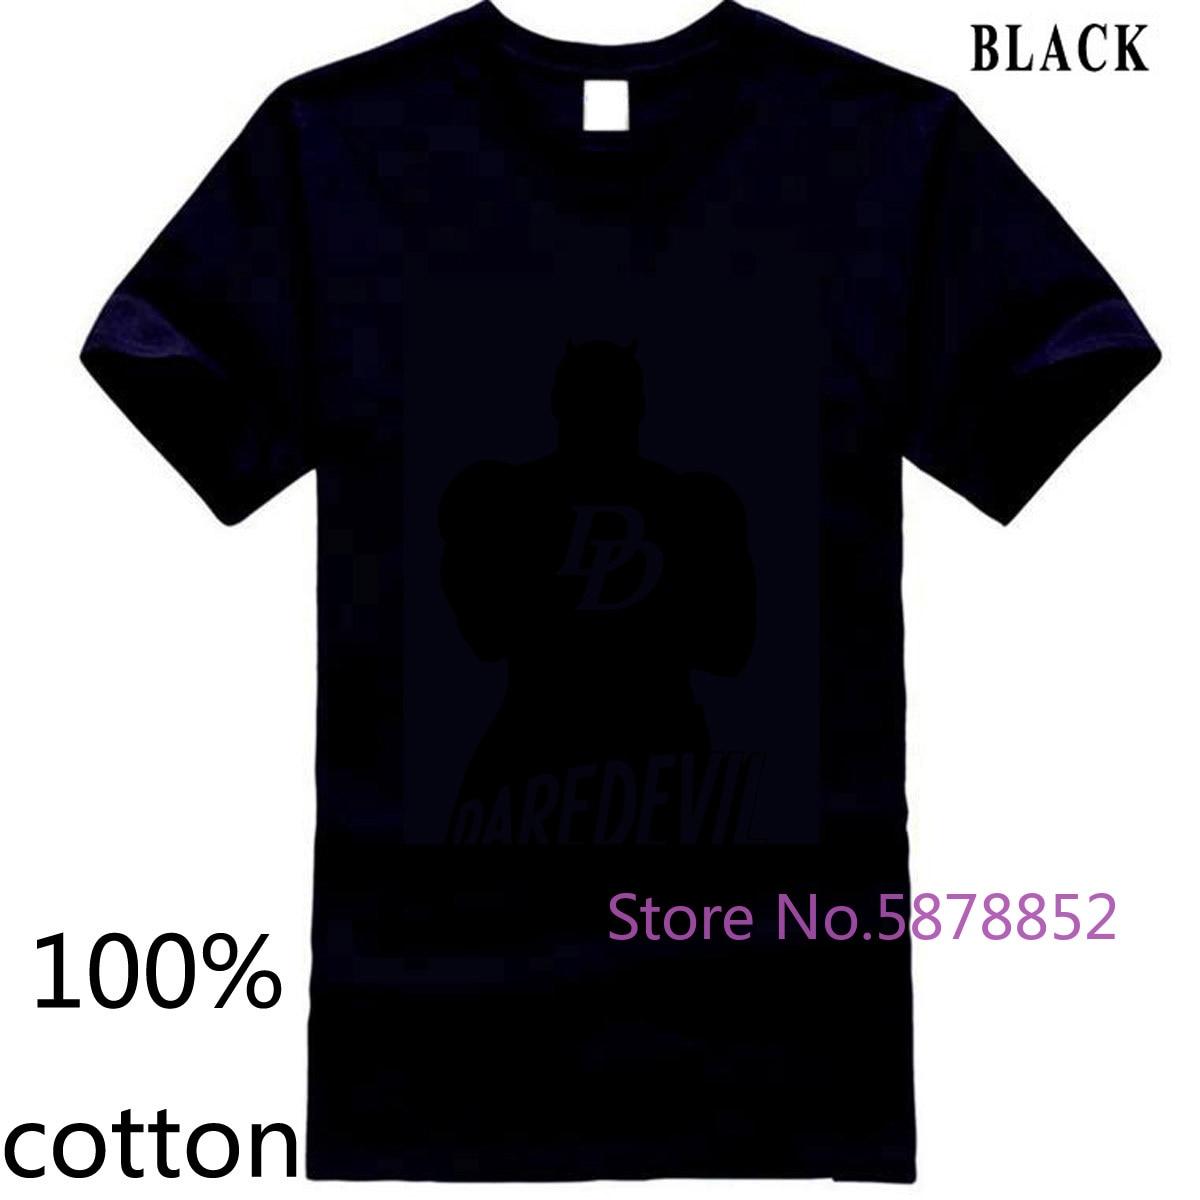 Oficial Marvel Comics Daredevil silueta superhéroe Cox nuevo Merch hombres película hombres camiseta tops camisetas 100% algodón